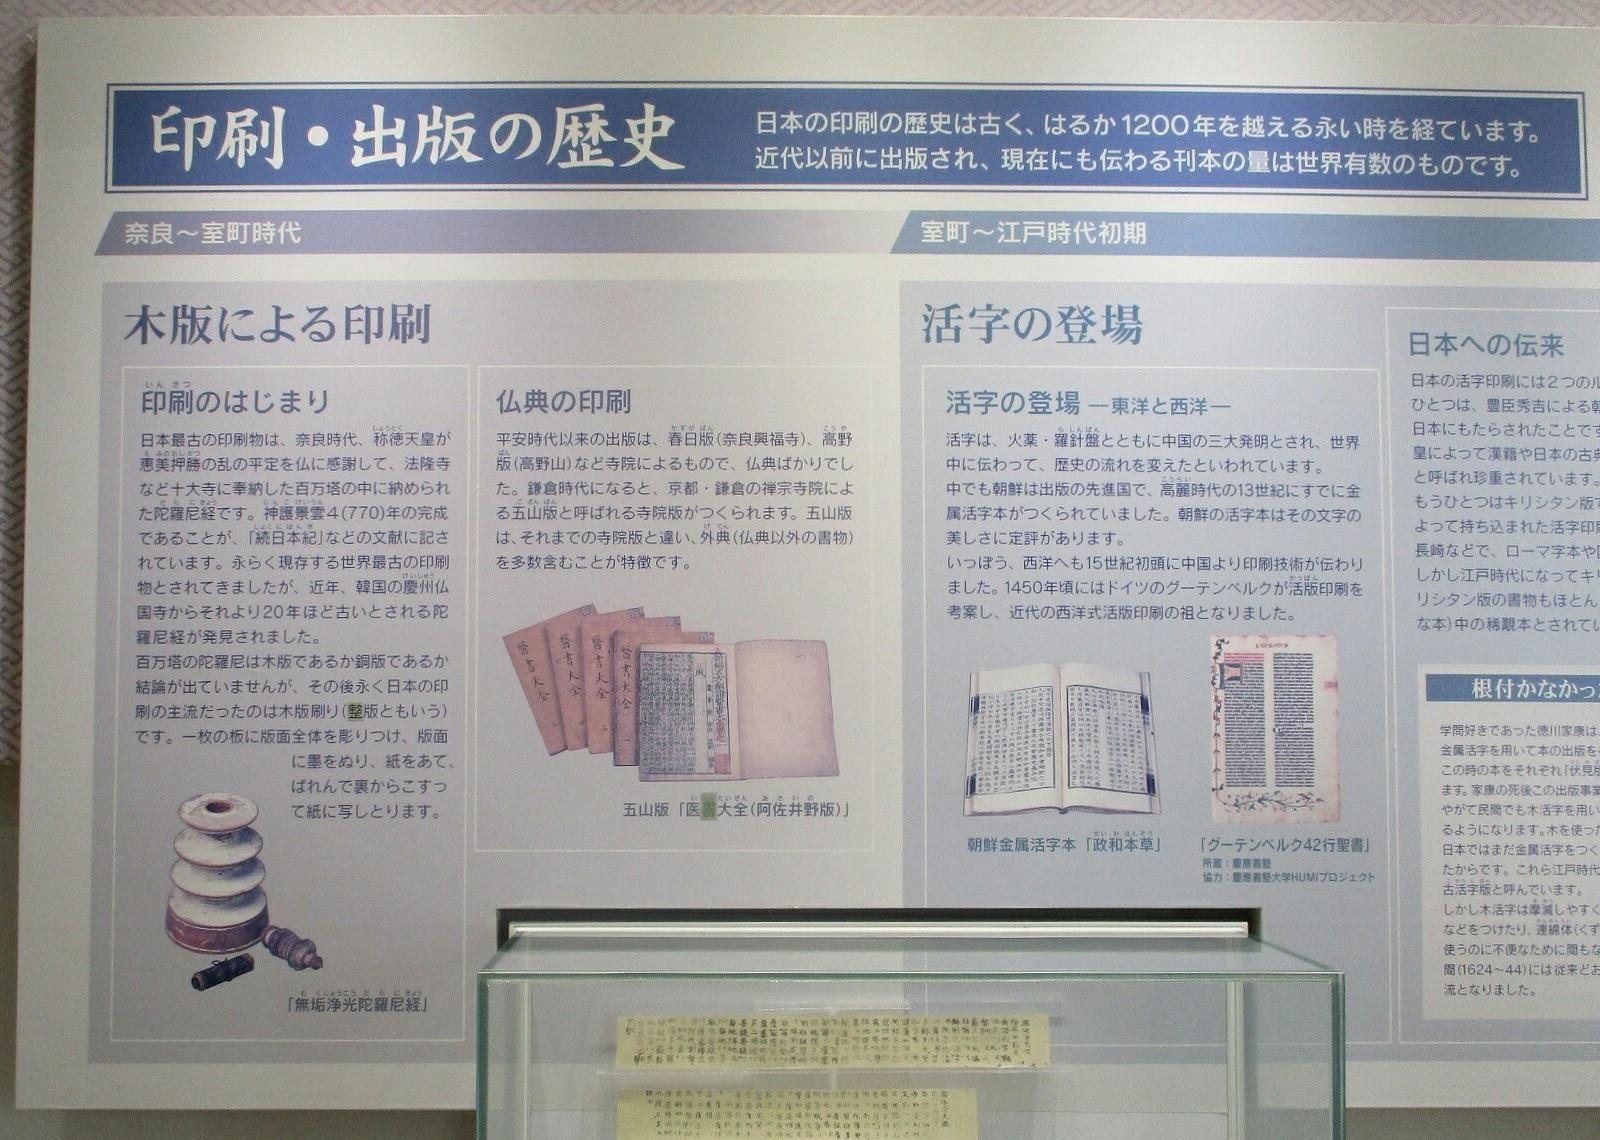 2019.4.29 (13) 岩瀬文庫 - 印刷、出版の歴史 1600-1140